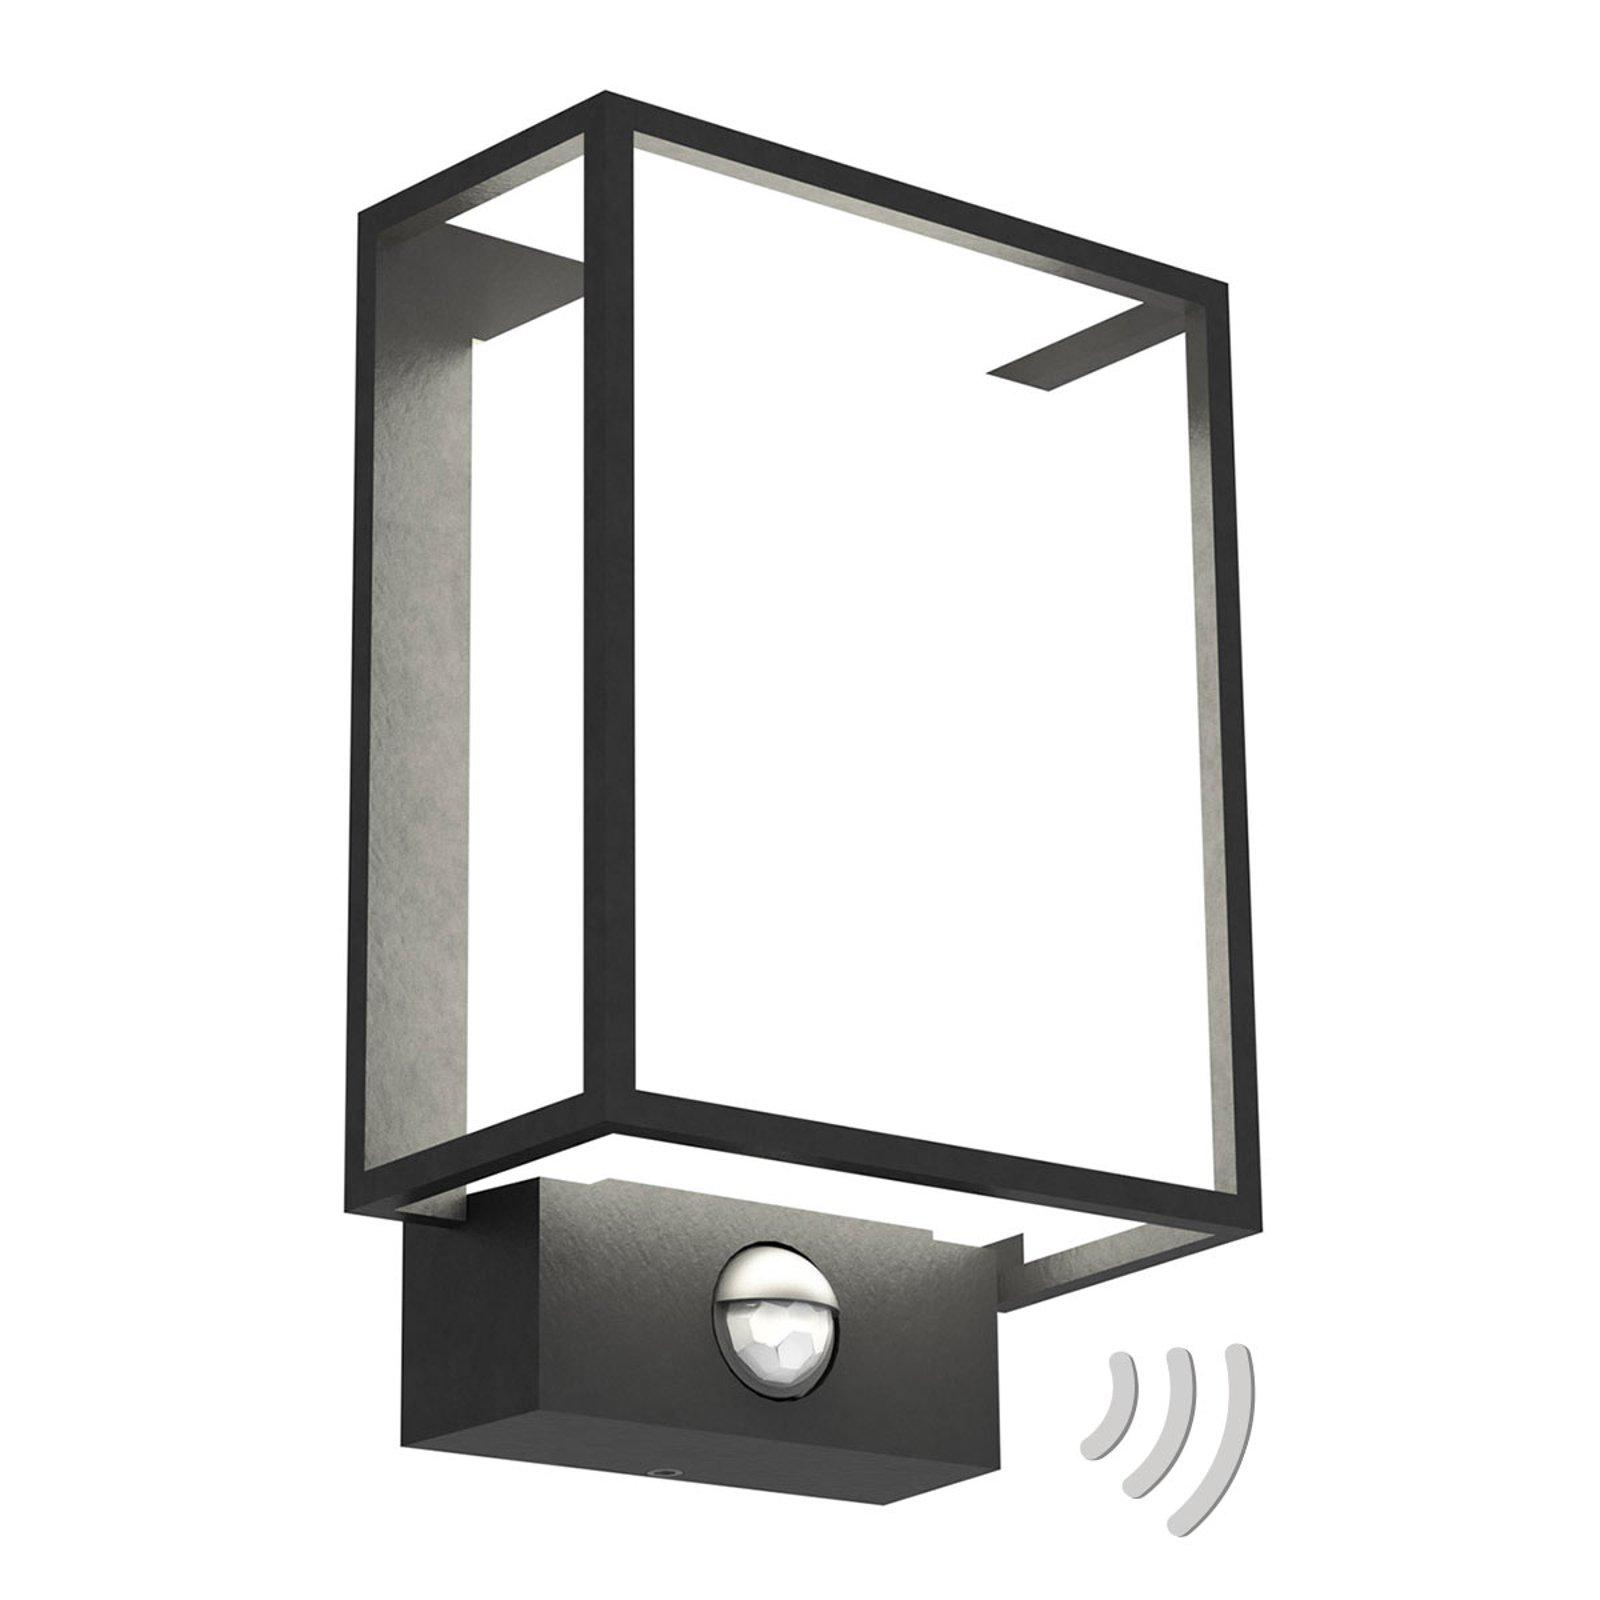 Utendørs LED-vegglampe Nestor med bevegelsessensor